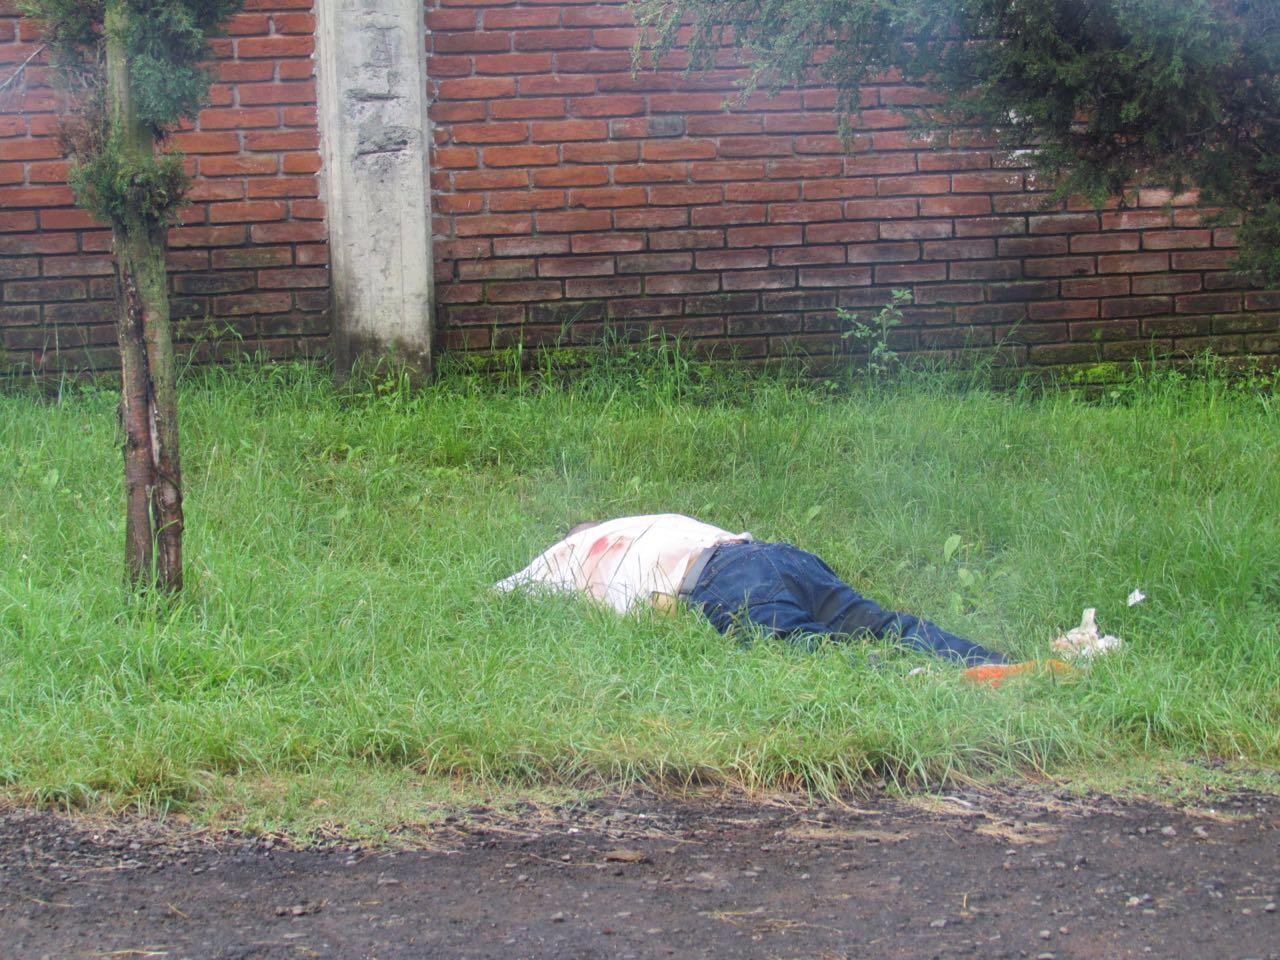 Es muerto a balazos y localizado a un costado del panteón de Toreo El Alto